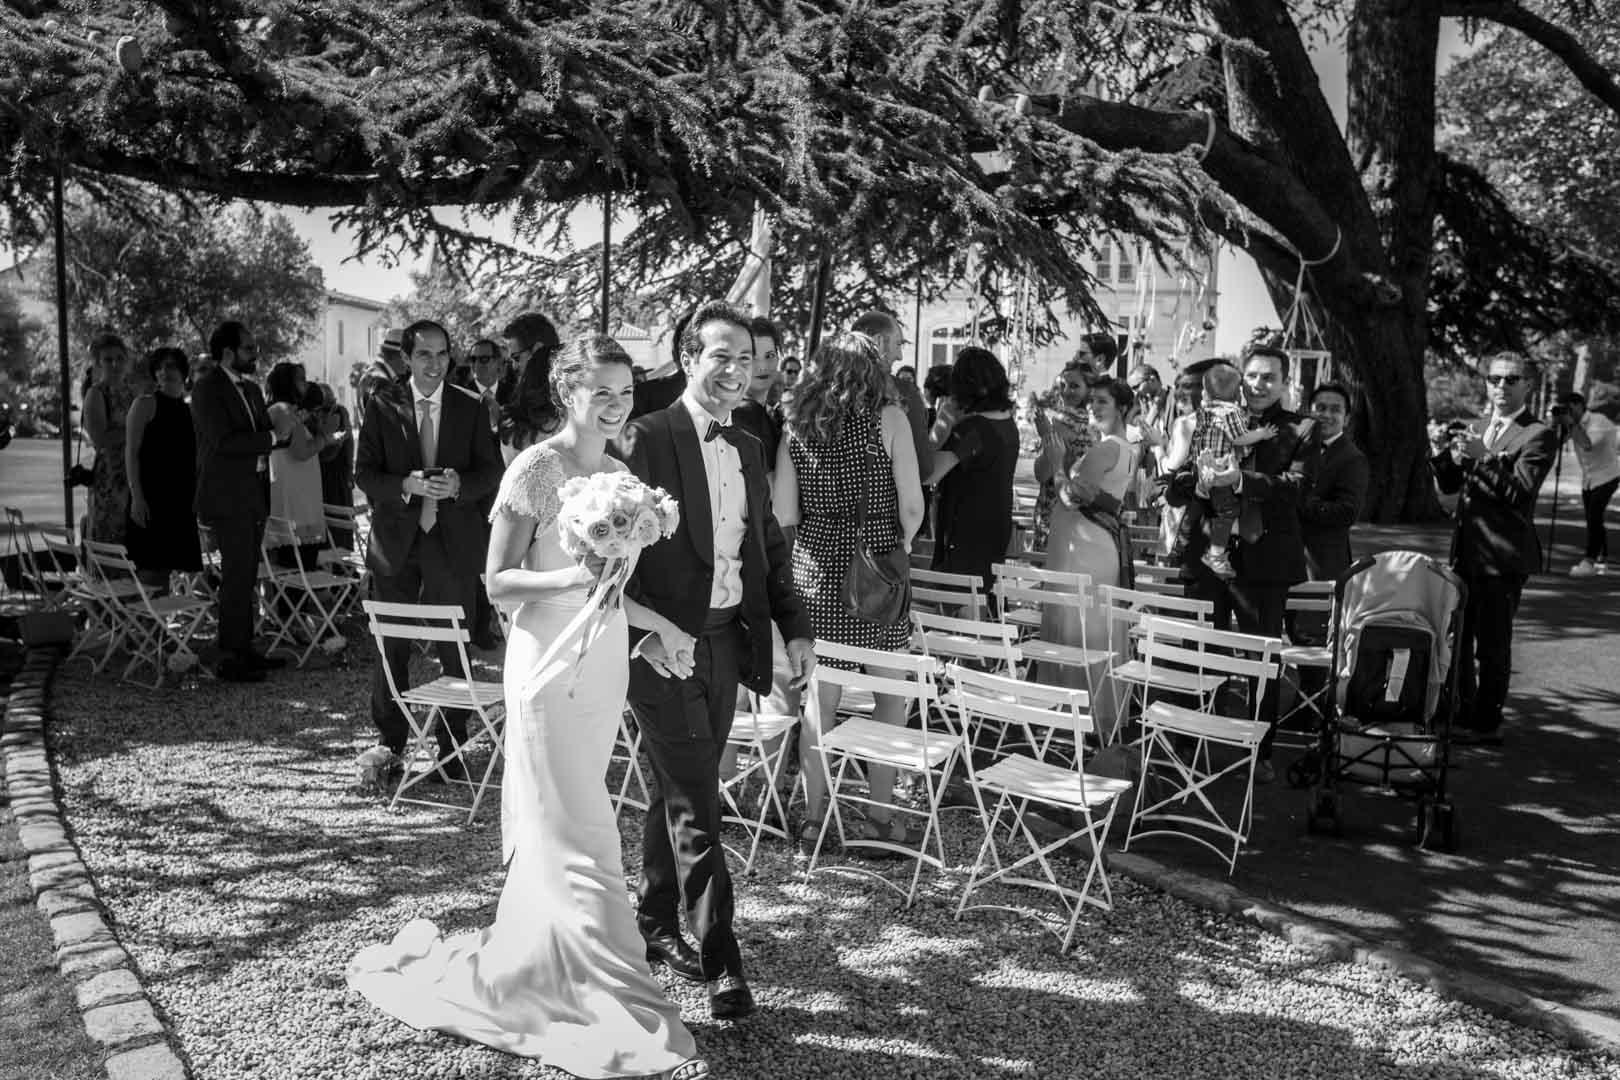 Les epoux au terme de la cérémonie de mariage.